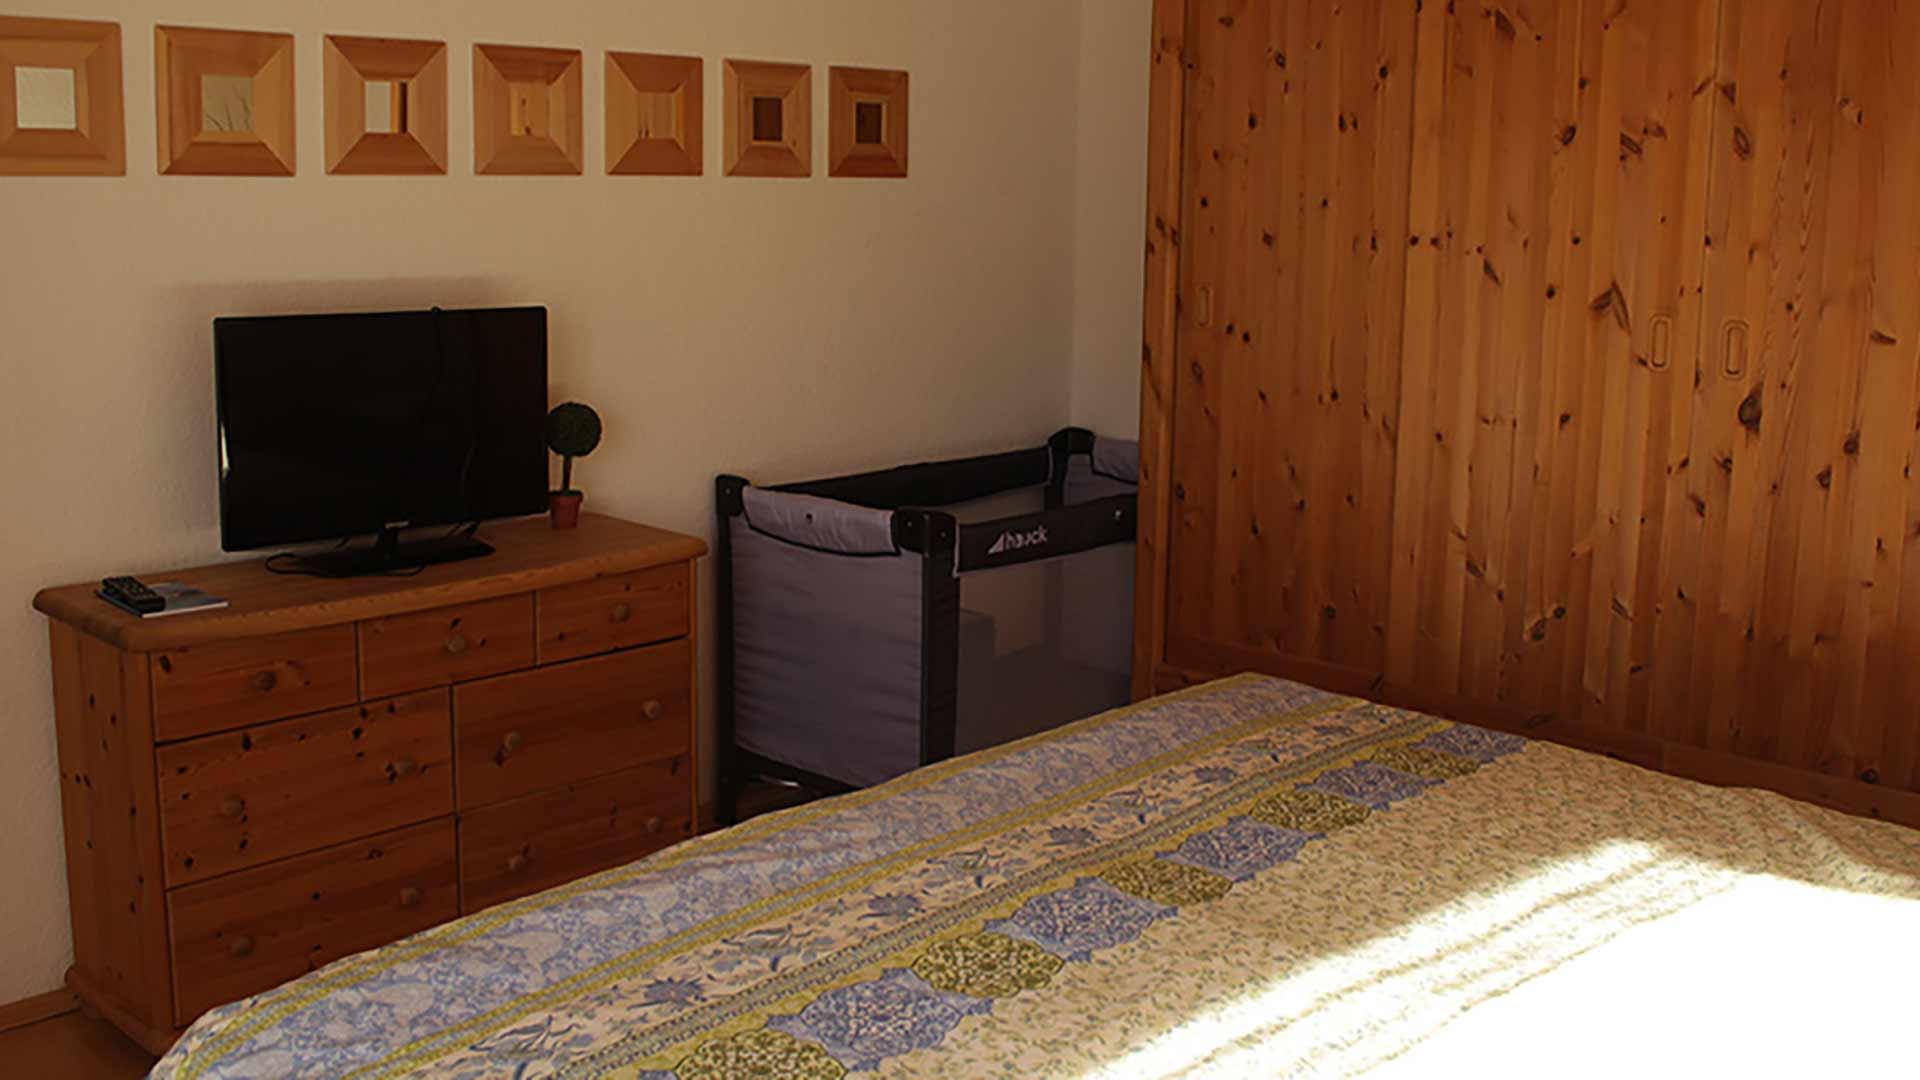 Schlafzimmer mit Kinderbett (neben diesem Reisekinderbett gibt es nun auch ein vollwertiges)